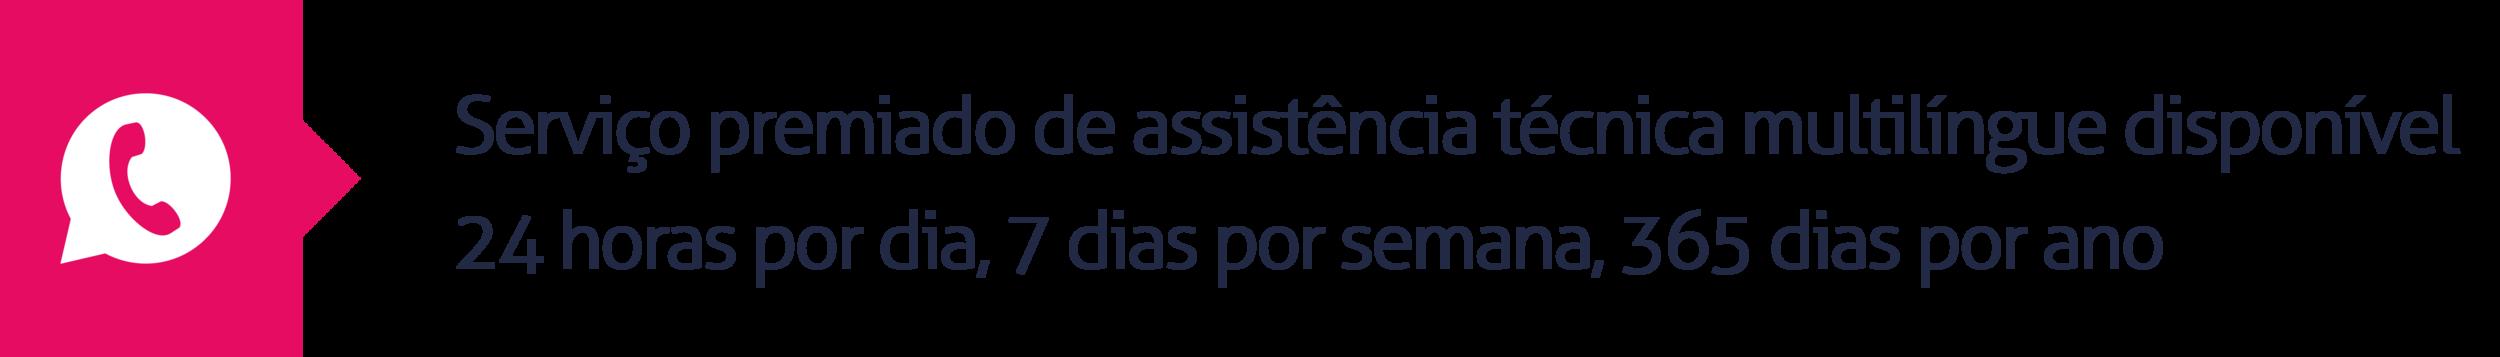 9.Serviço premiado de assistência técnica multilíngue disponível 24 horas por dia, 7 dias por semana, 365 dias por ano